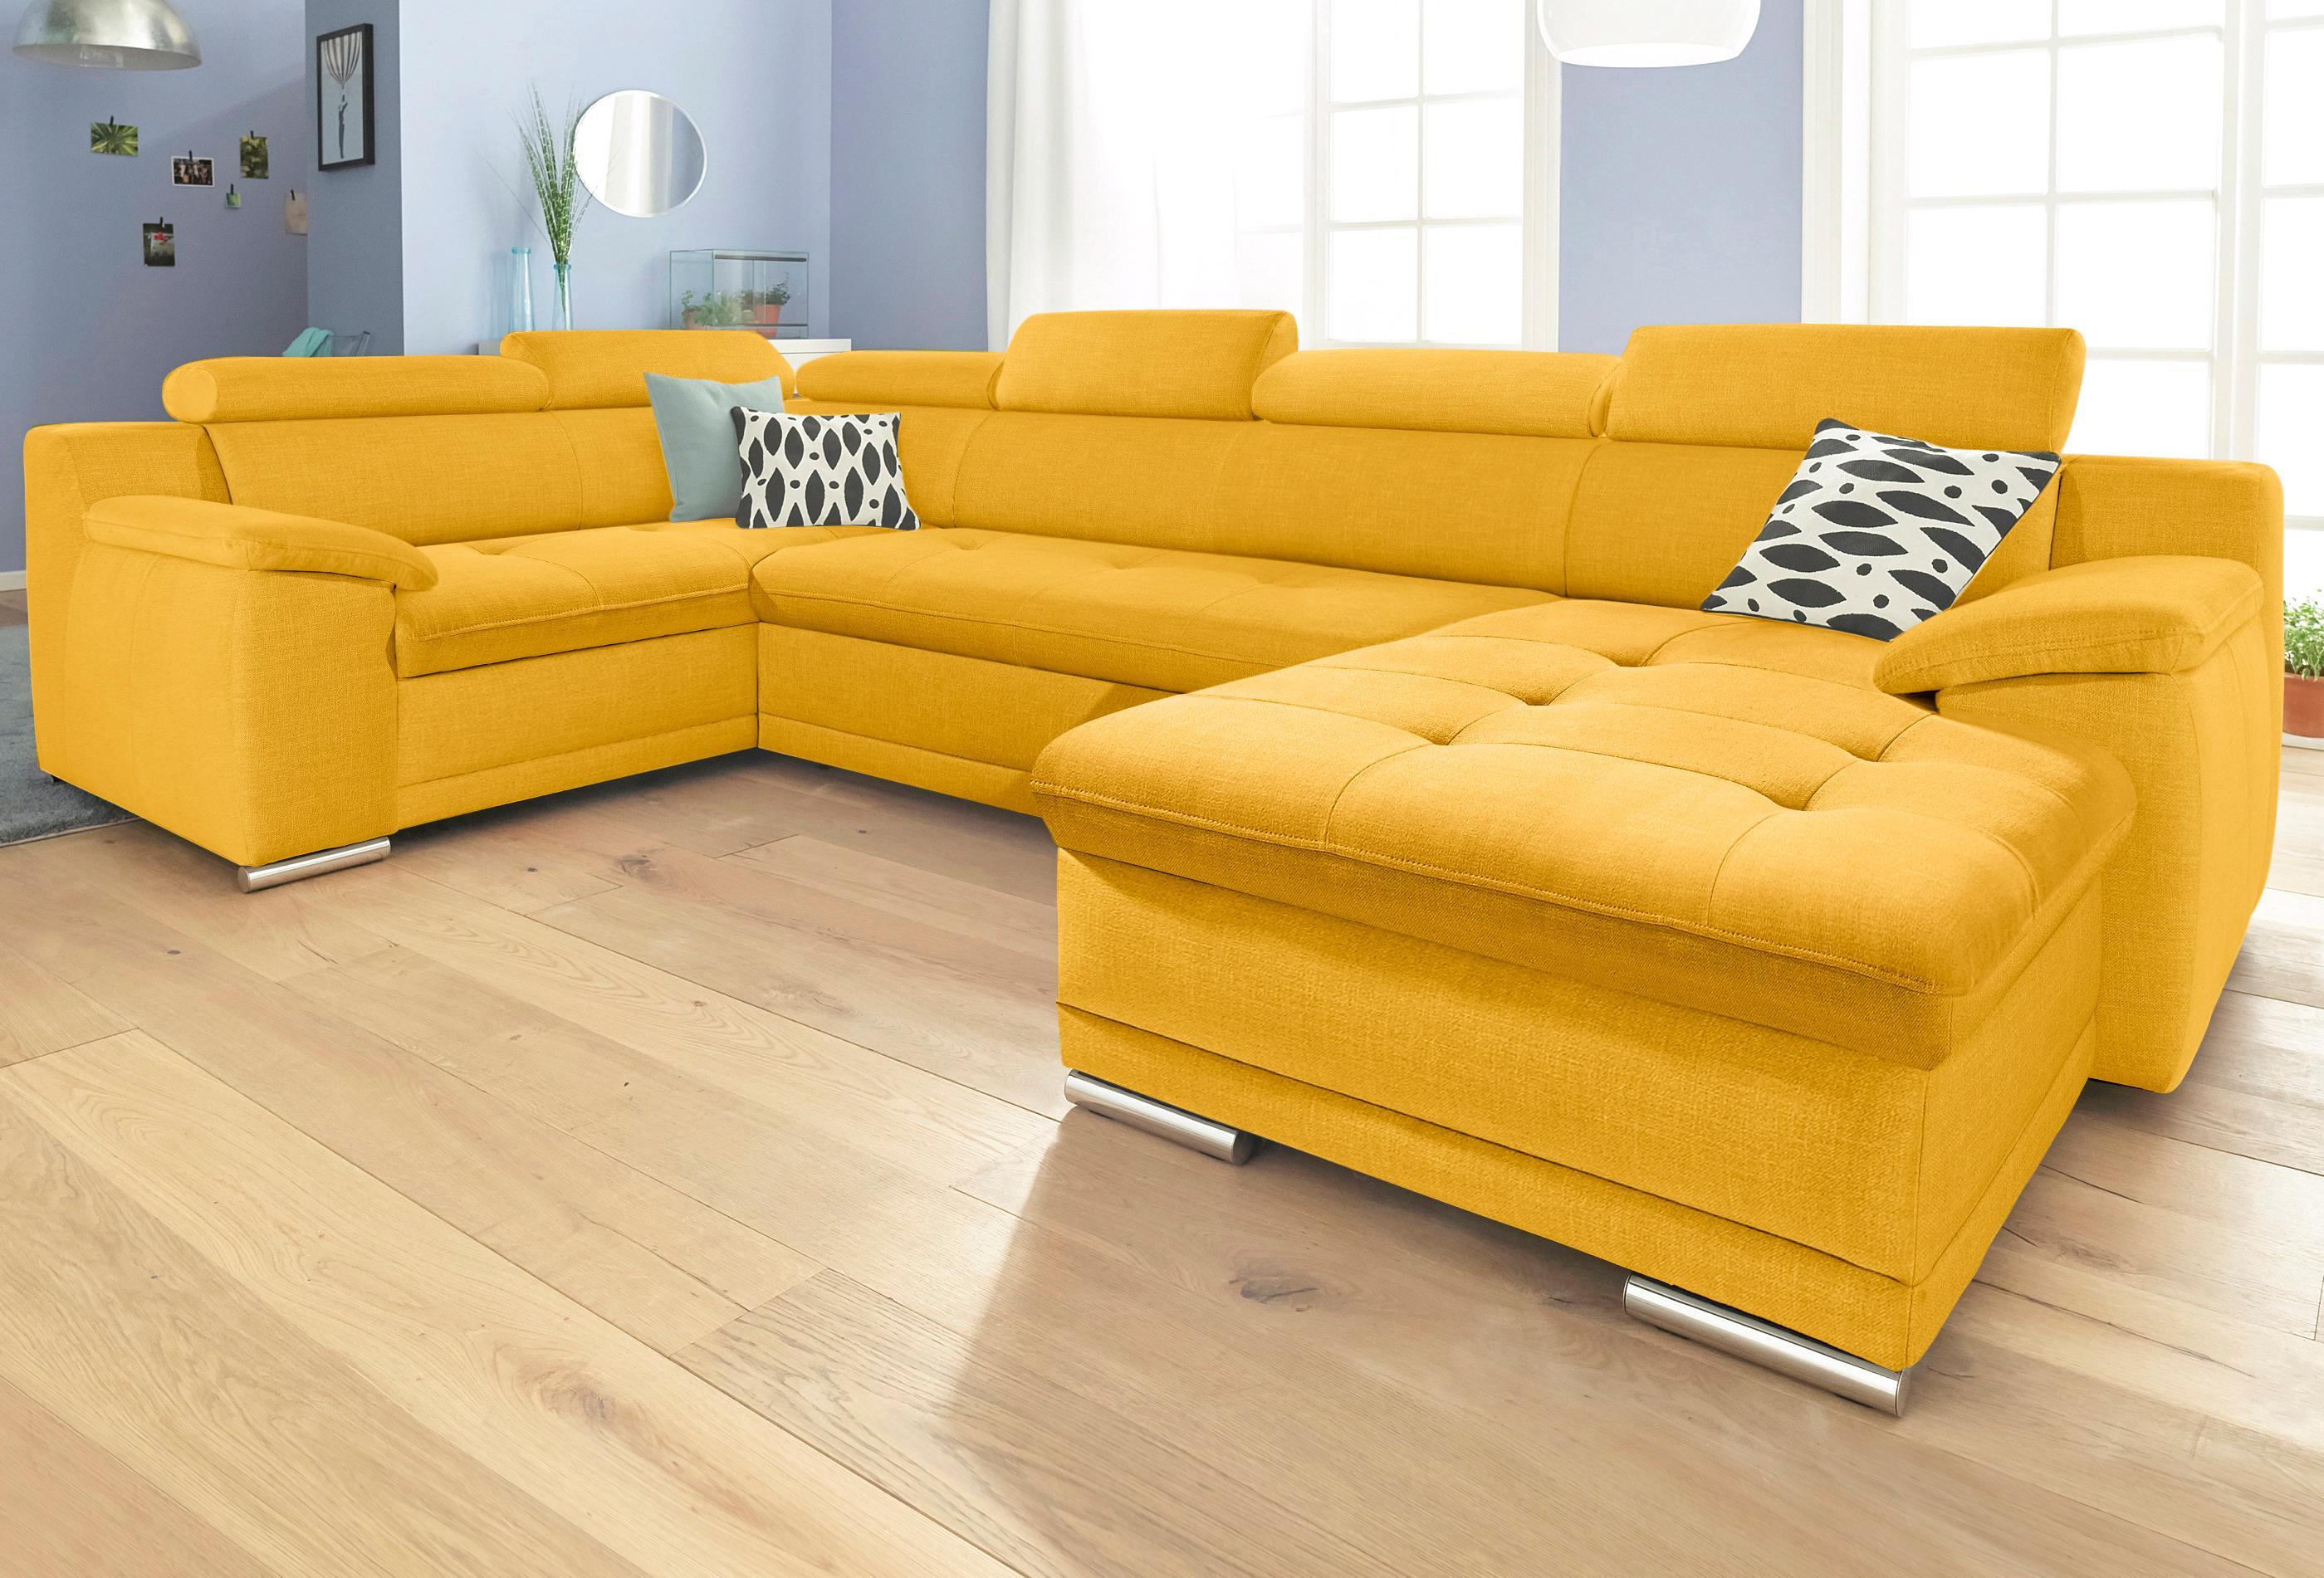 sit&more Wohnlandschaft   Wohnzimmer > Sofas & Couches > Wohnlandschaften   Gelb   Sit&More